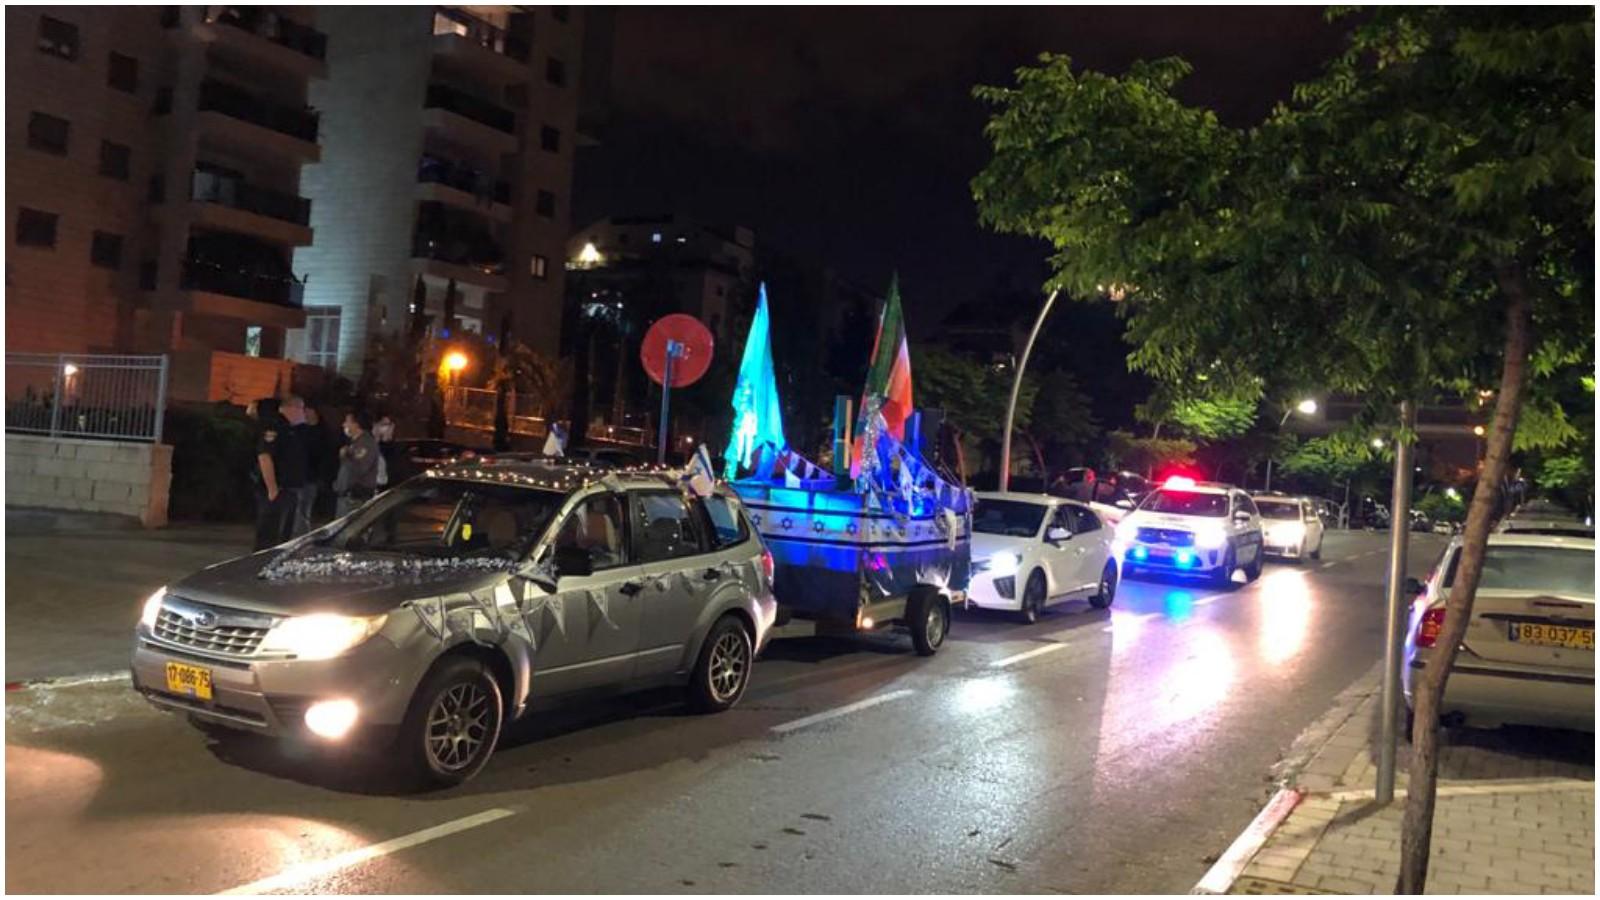 כפר סבא חוגגת עצמאות מכונית עם דגלים. צילום עיריית כפר סבא